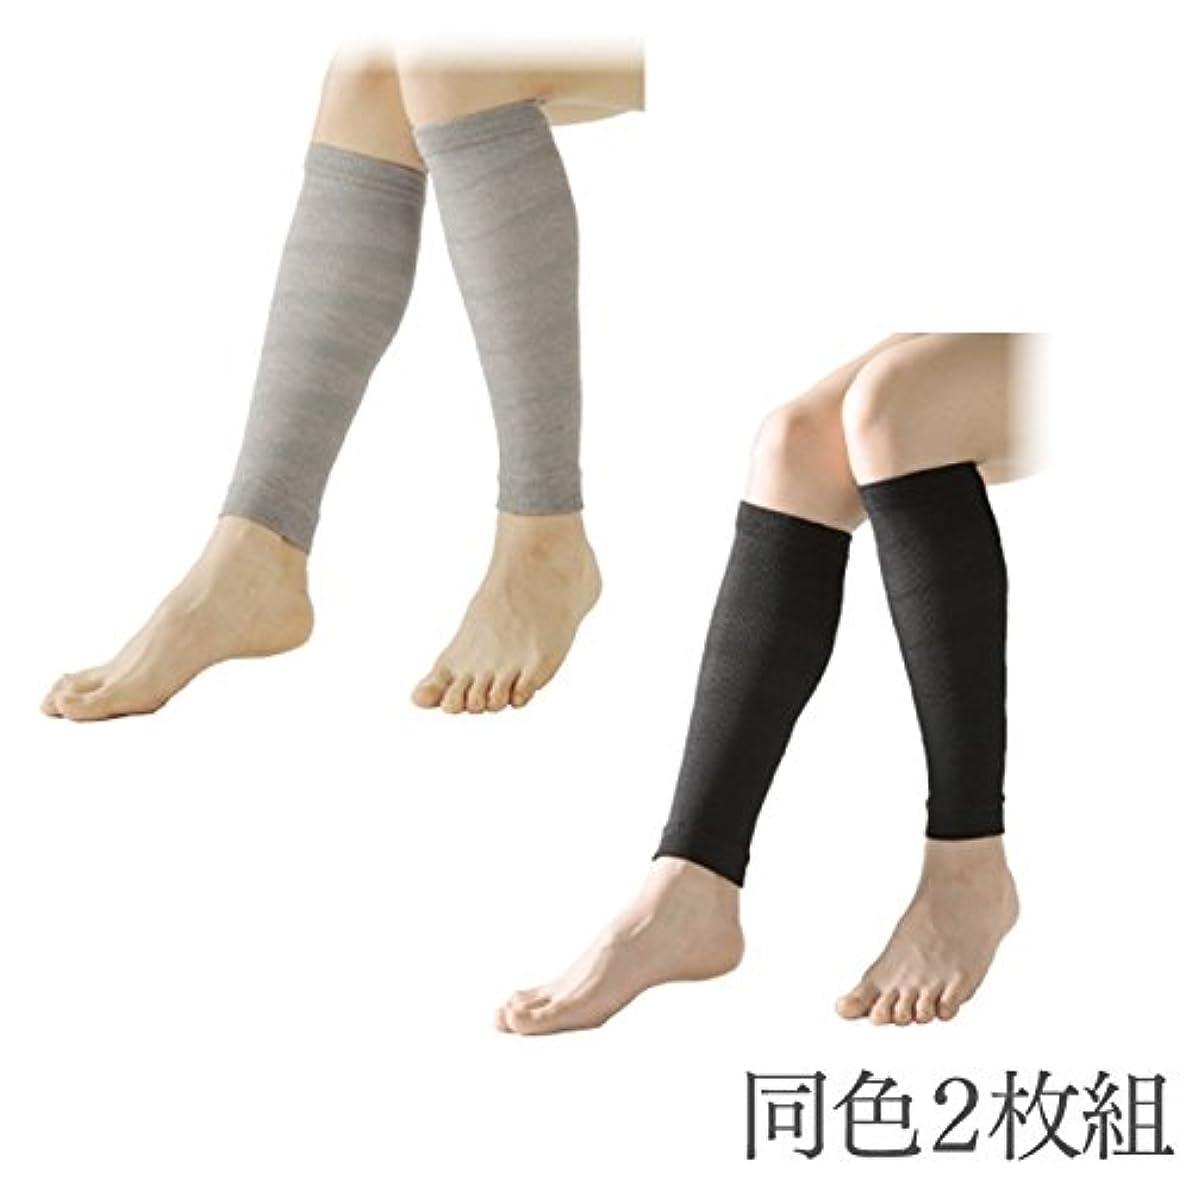 着圧ソックス 足のむくみ 靴下 むくみ解消 着圧ふくらはぎサポーター 2枚組(ブラック)